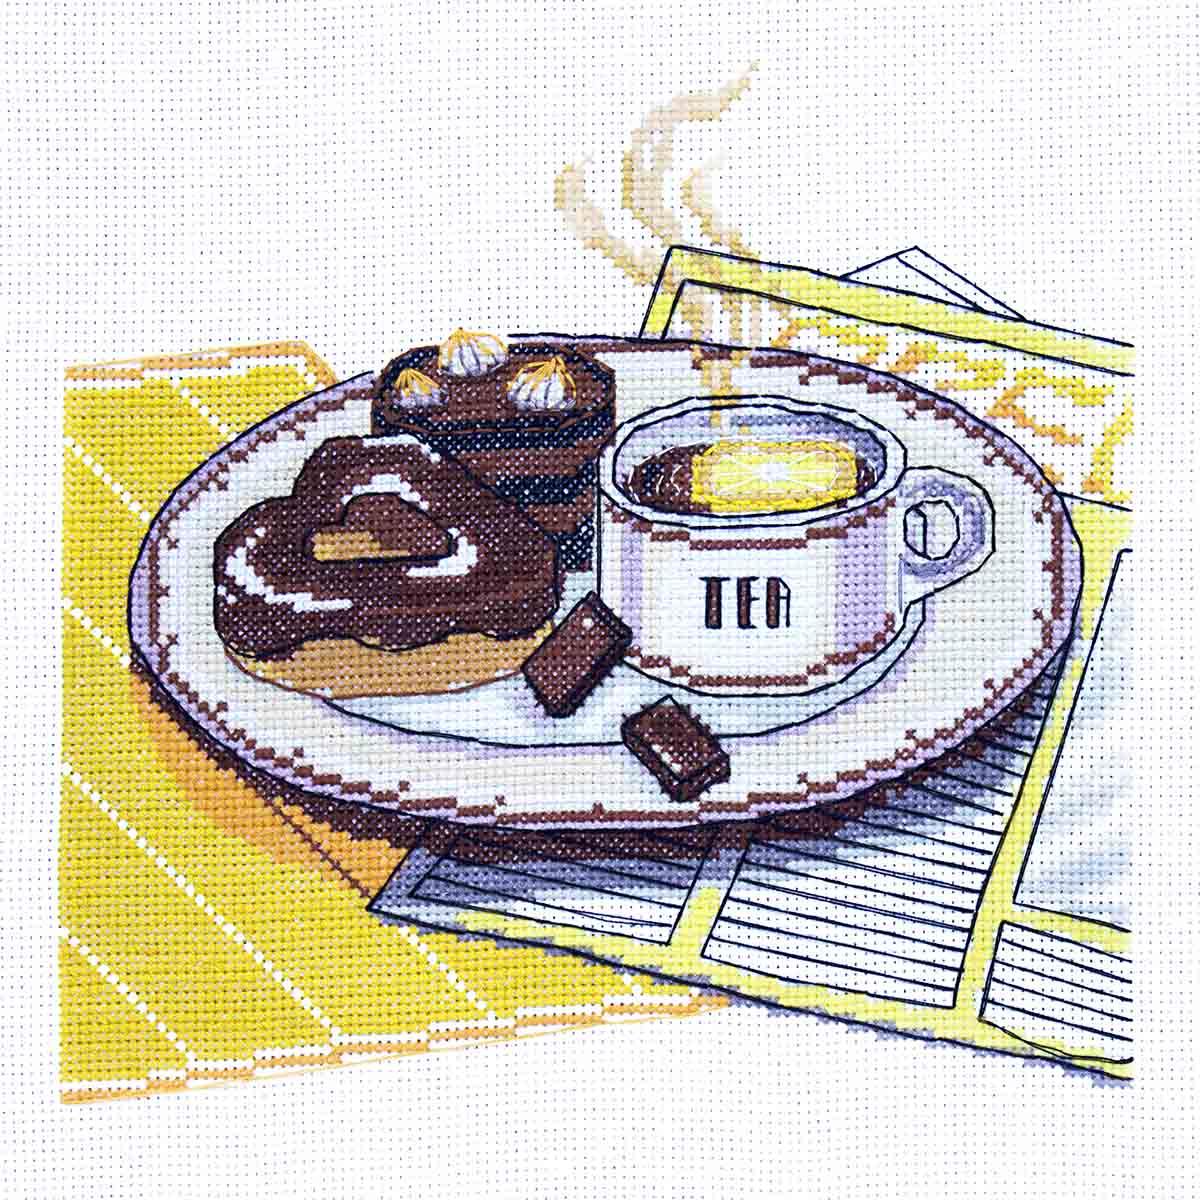 К-210 Набор для вышивания крестом Созвездие 'Чай' 20*19,5см